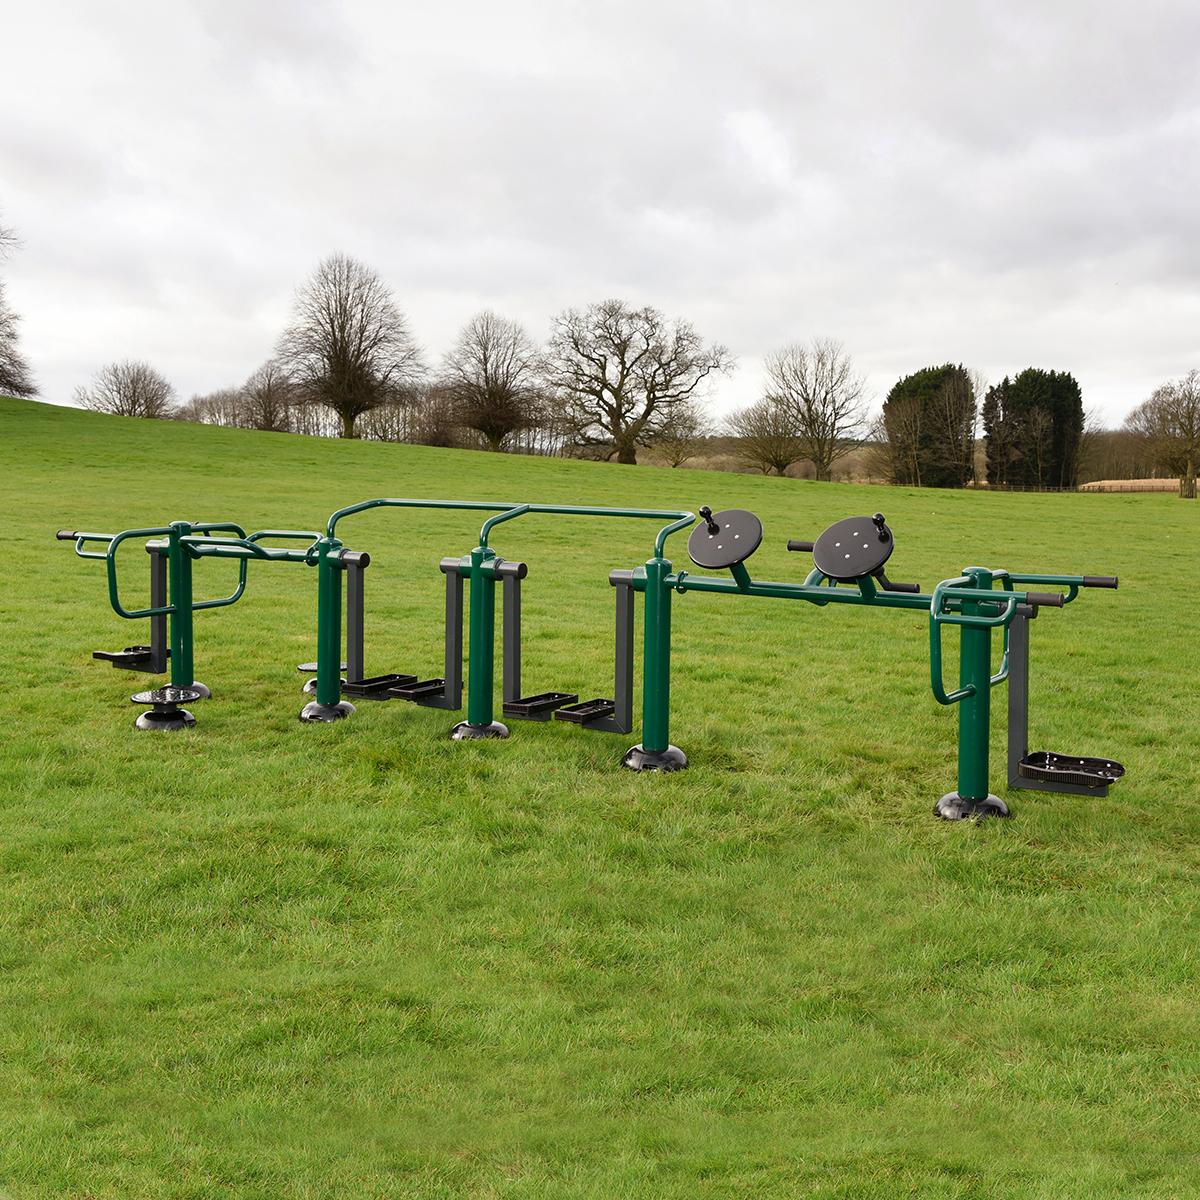 Children's Activ8 Multi Gym